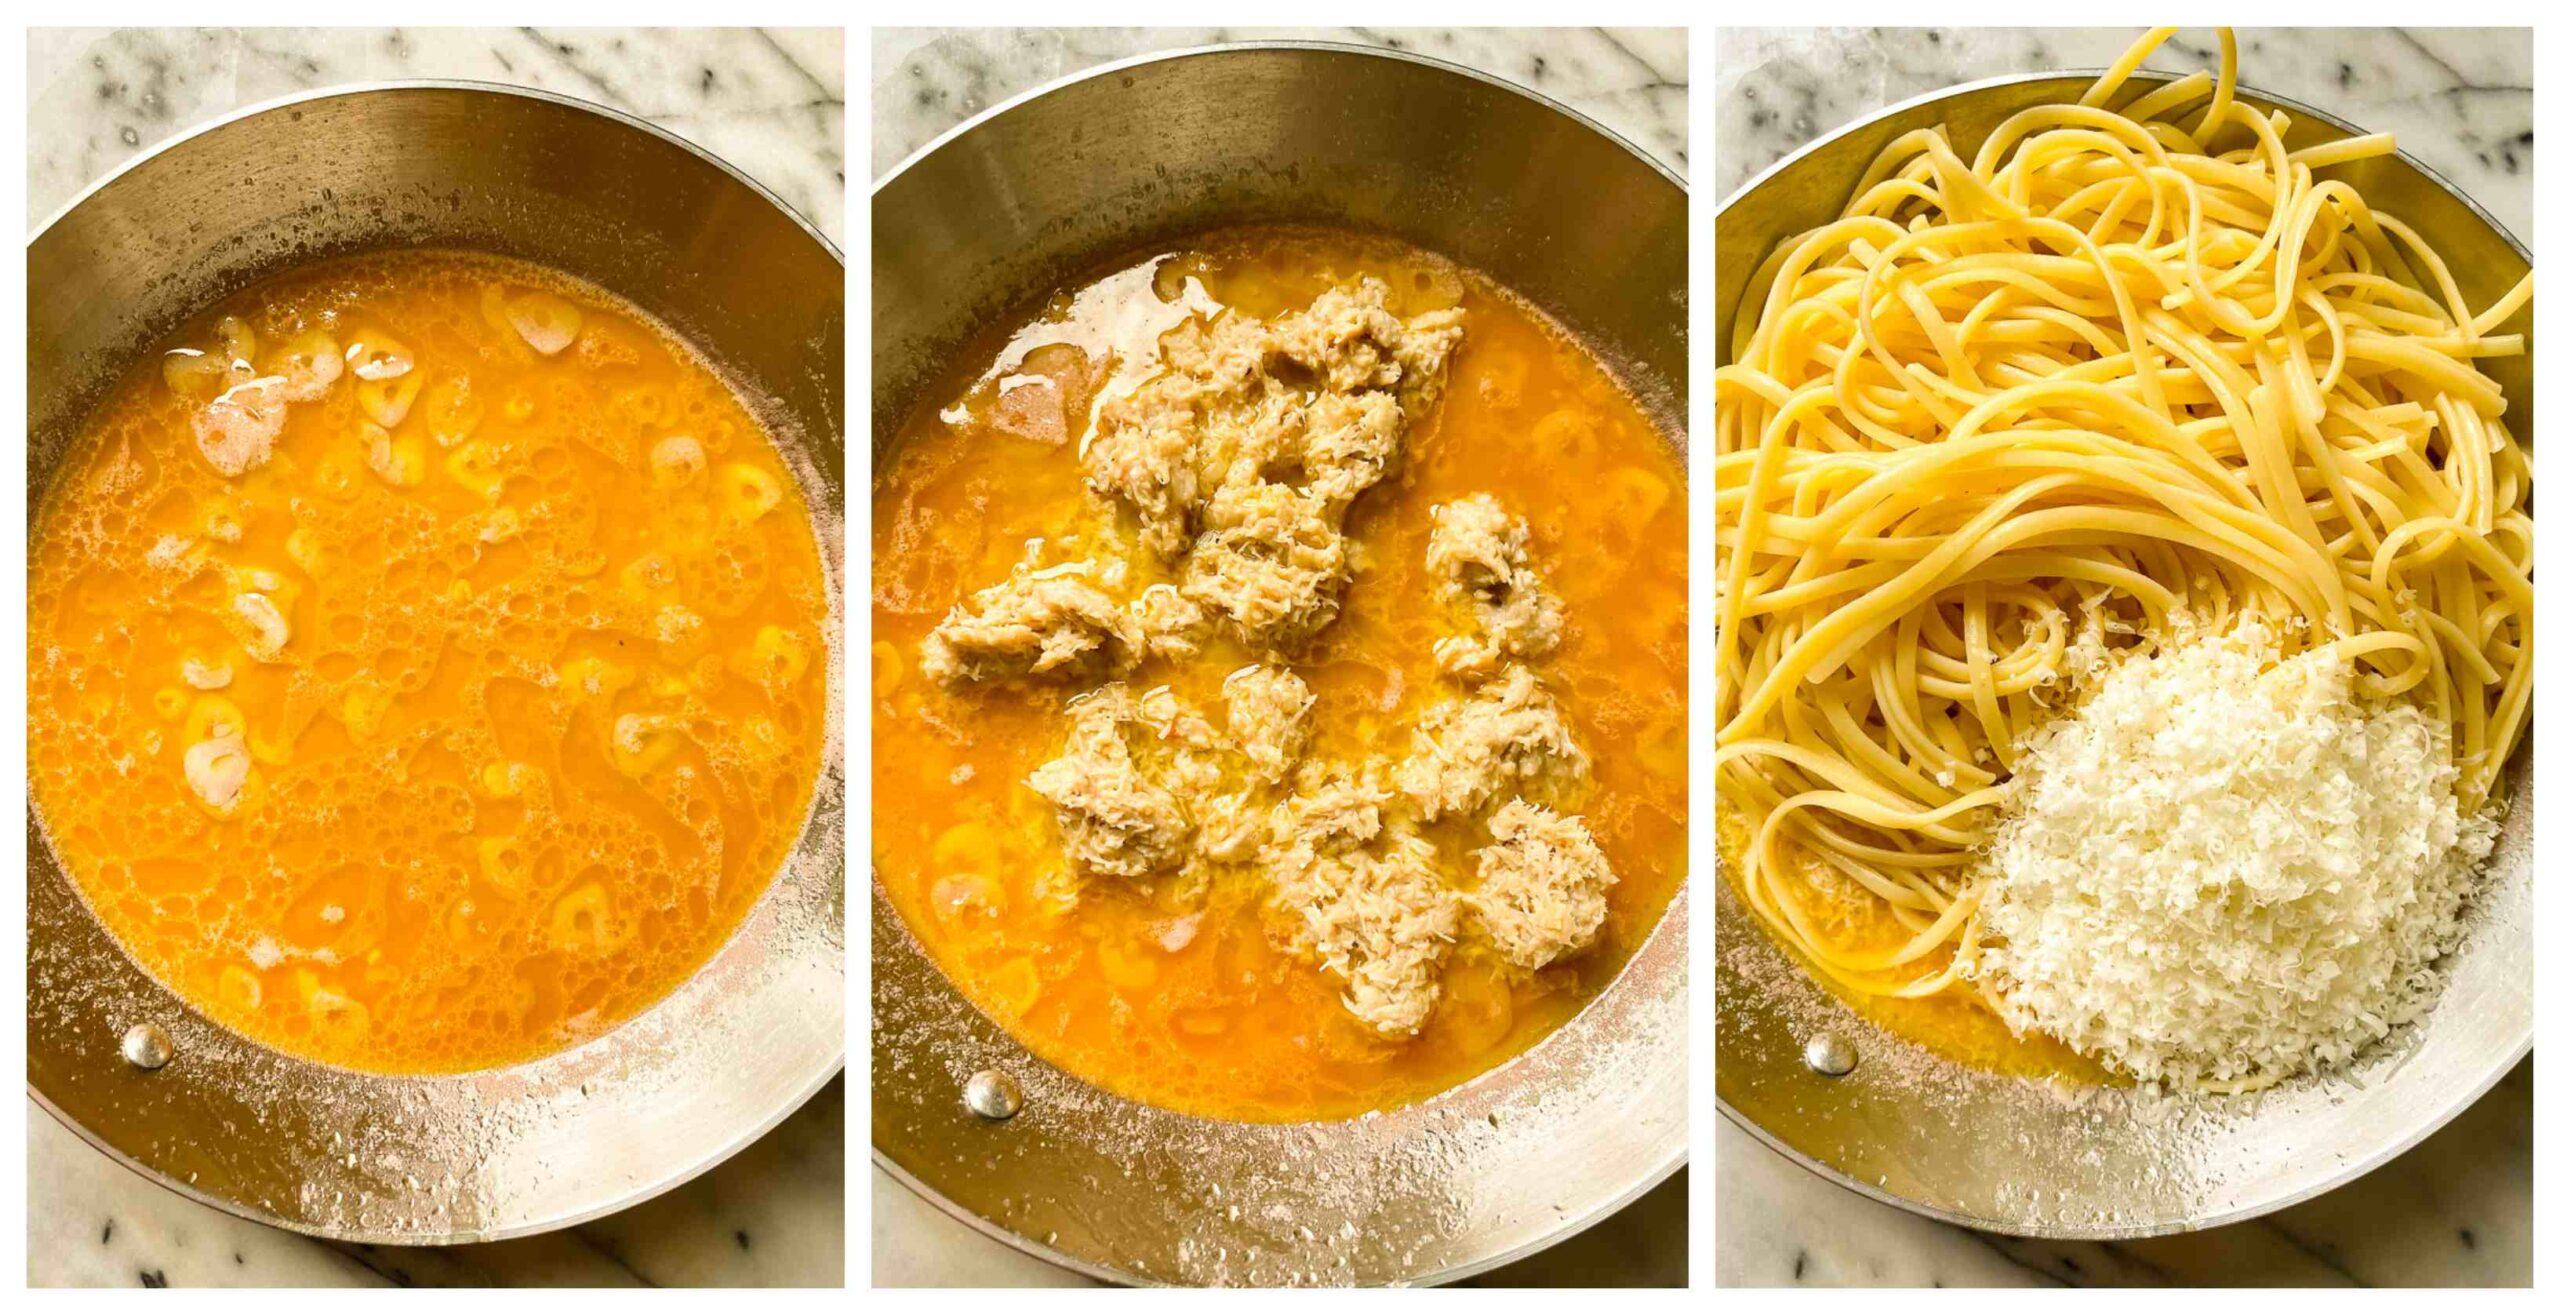 crab pasta recipe process images